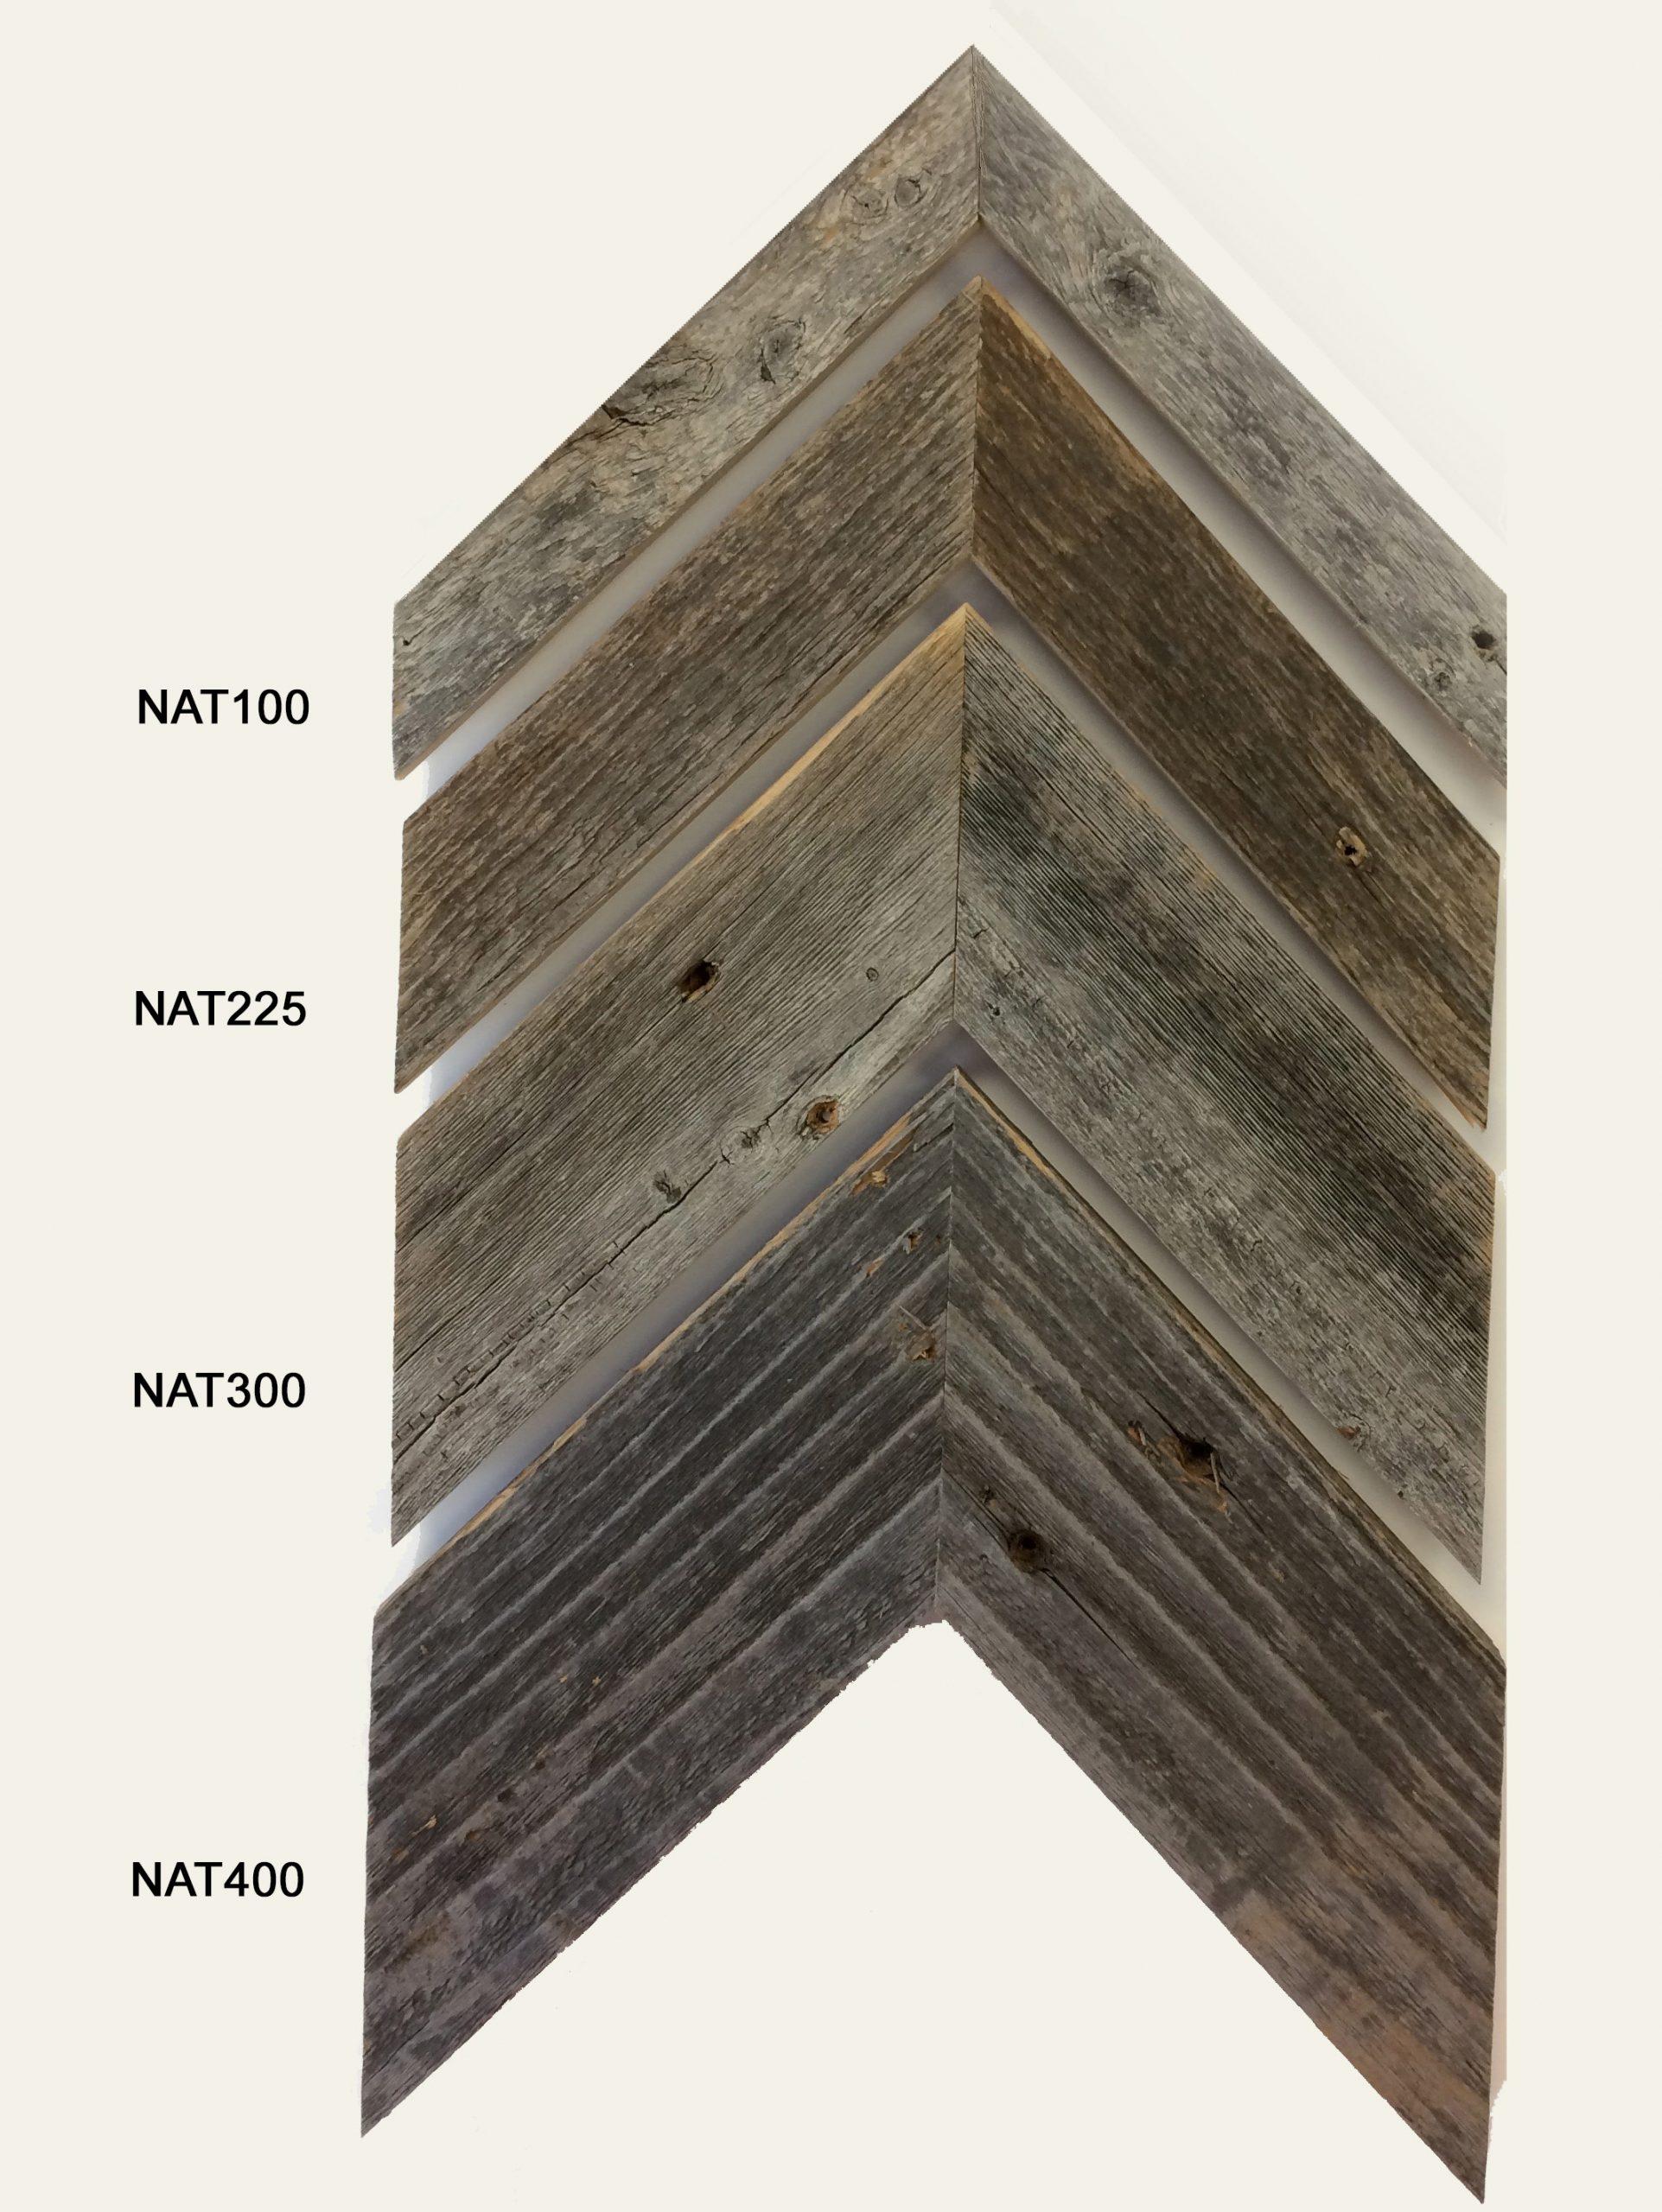 Barnwood moulding in 4 widths